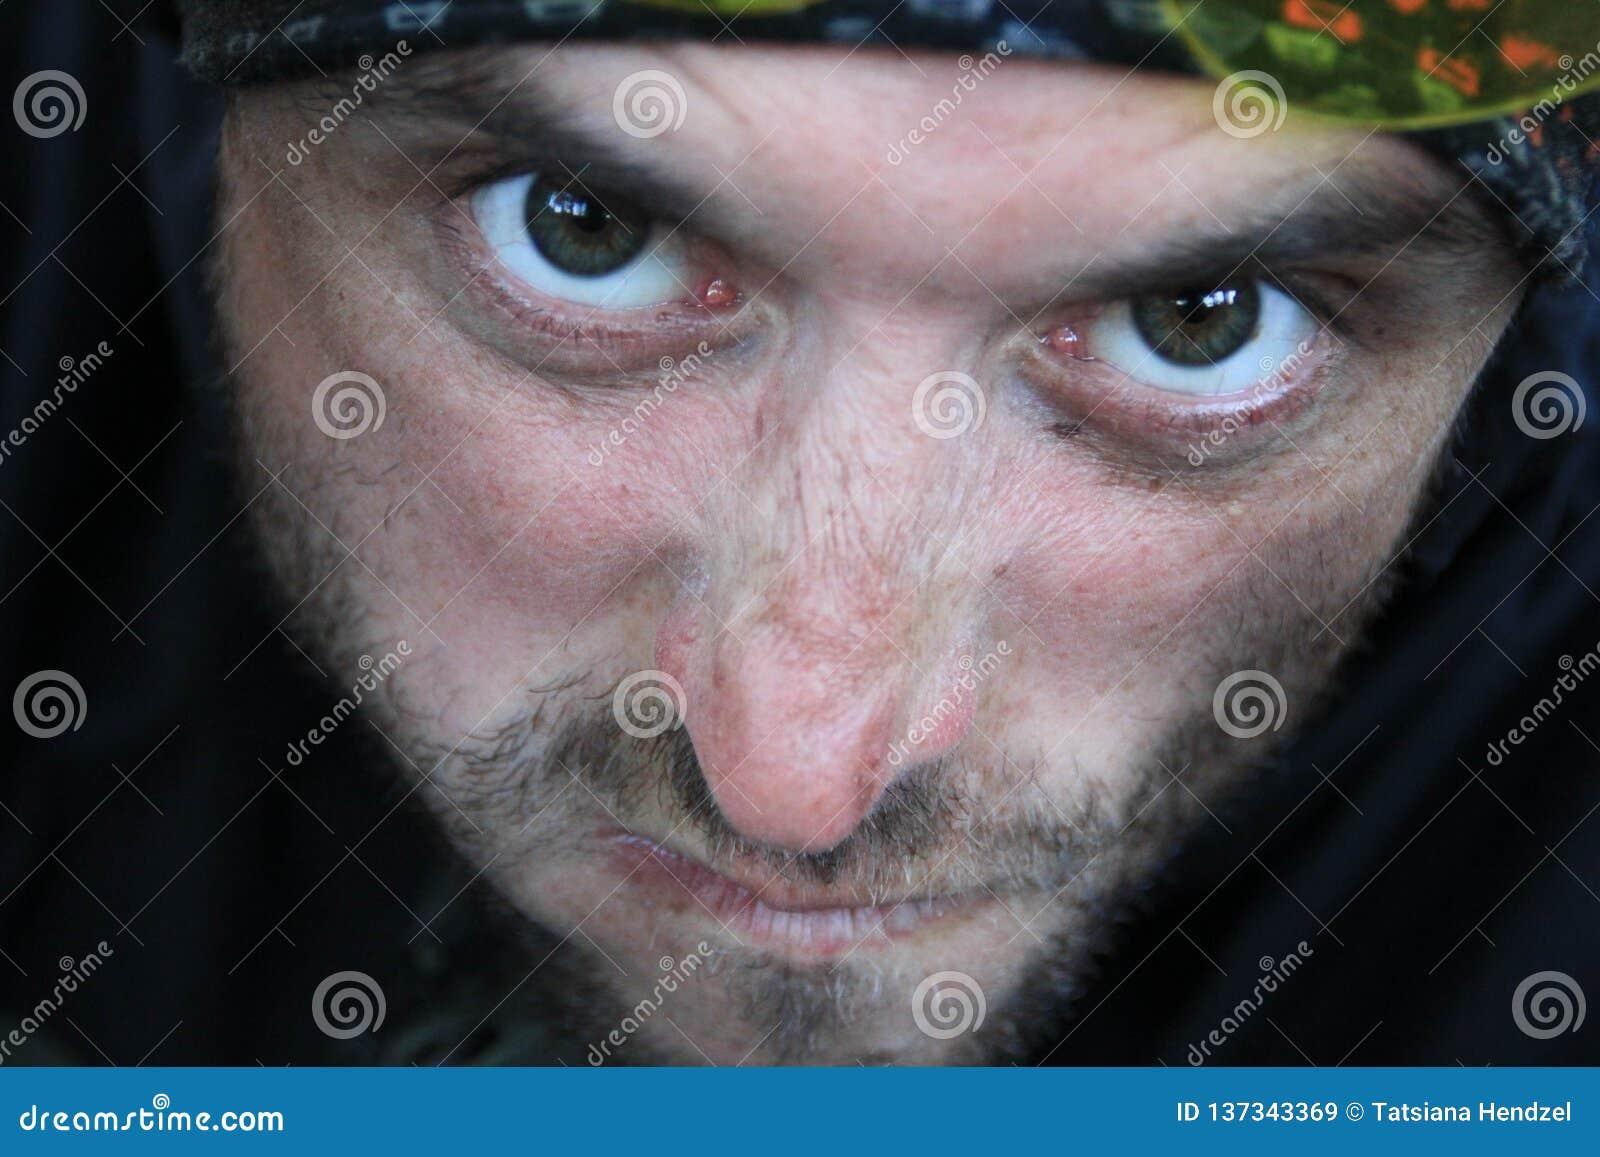 Framsidan av en vit ung man förvrids av ilska och agression Han har en ondskefull besatt blick från under hans panna